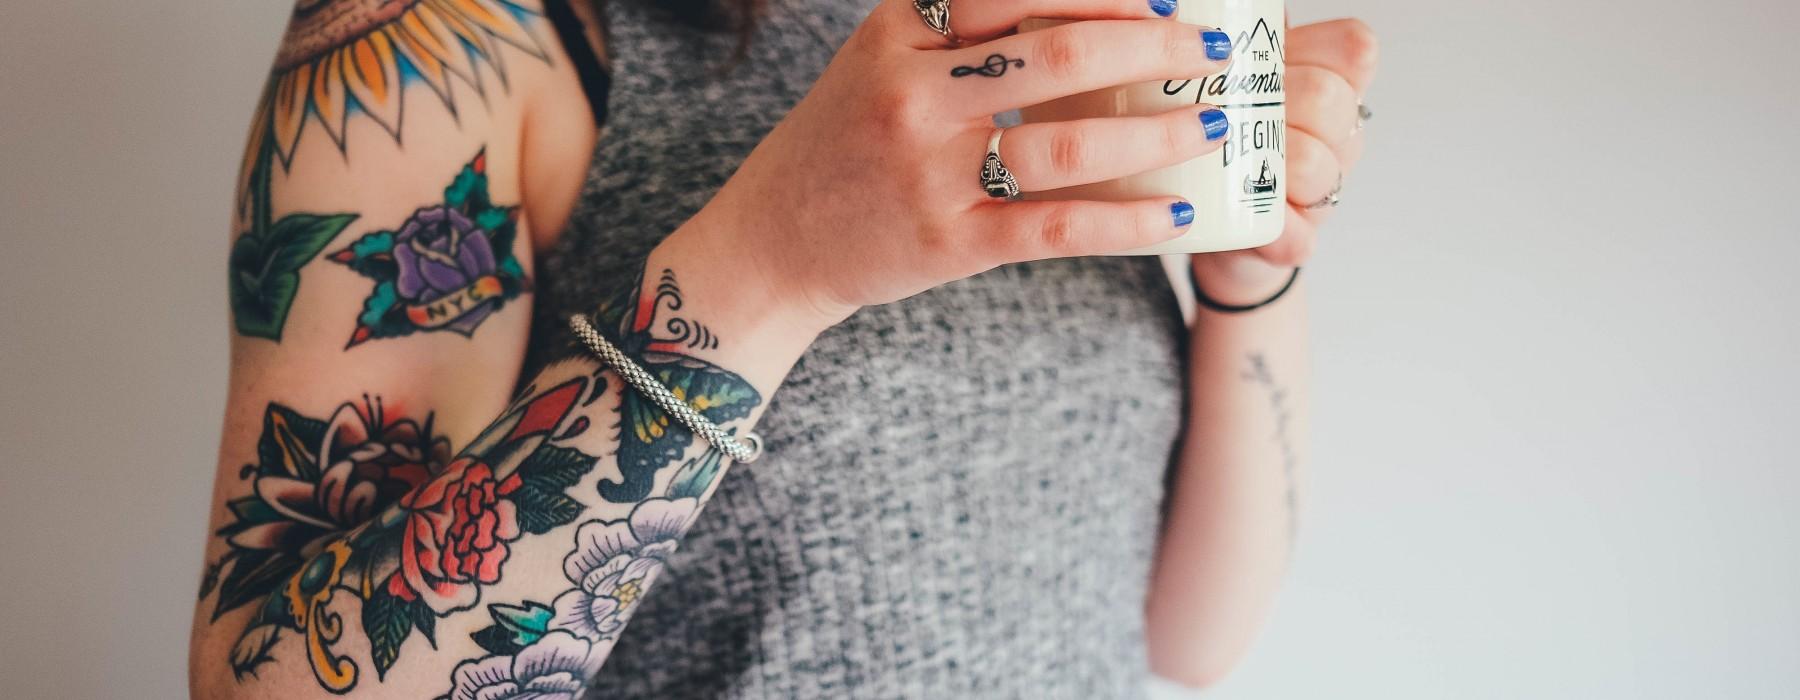 Podano do łóżka #81: Kawa, tatuaże i najdroższa linijka świata